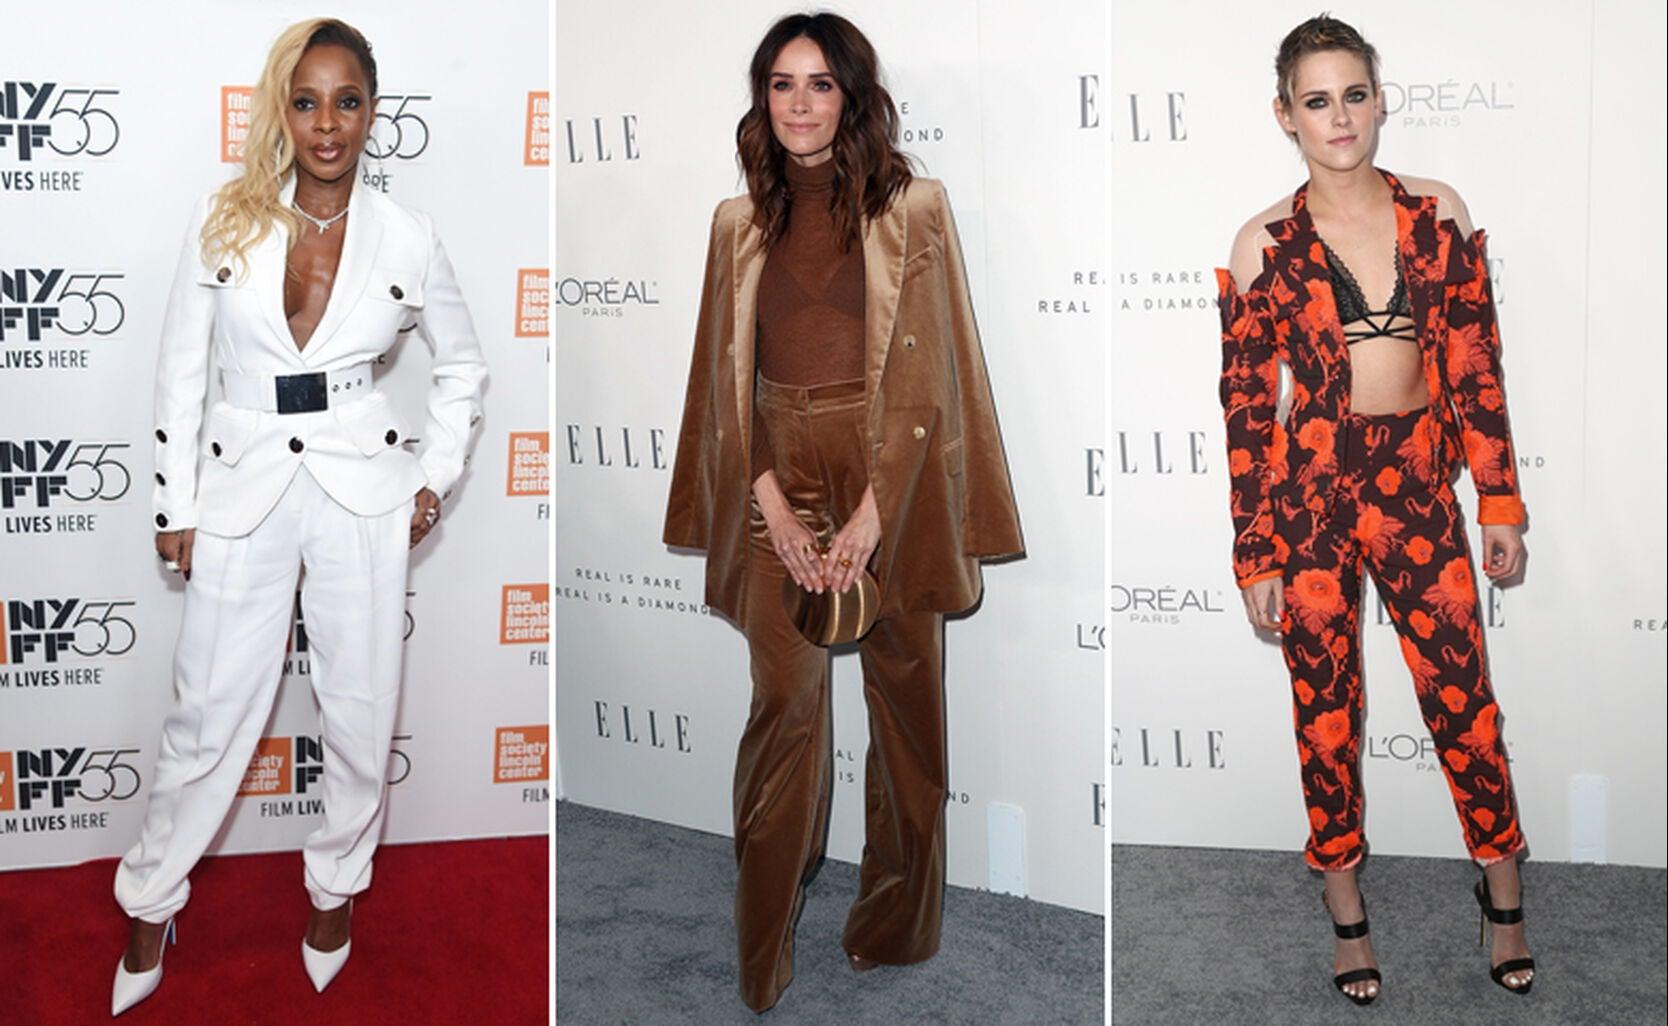 Mary J. Blige, Abigail Spencer and Kristen Stewart